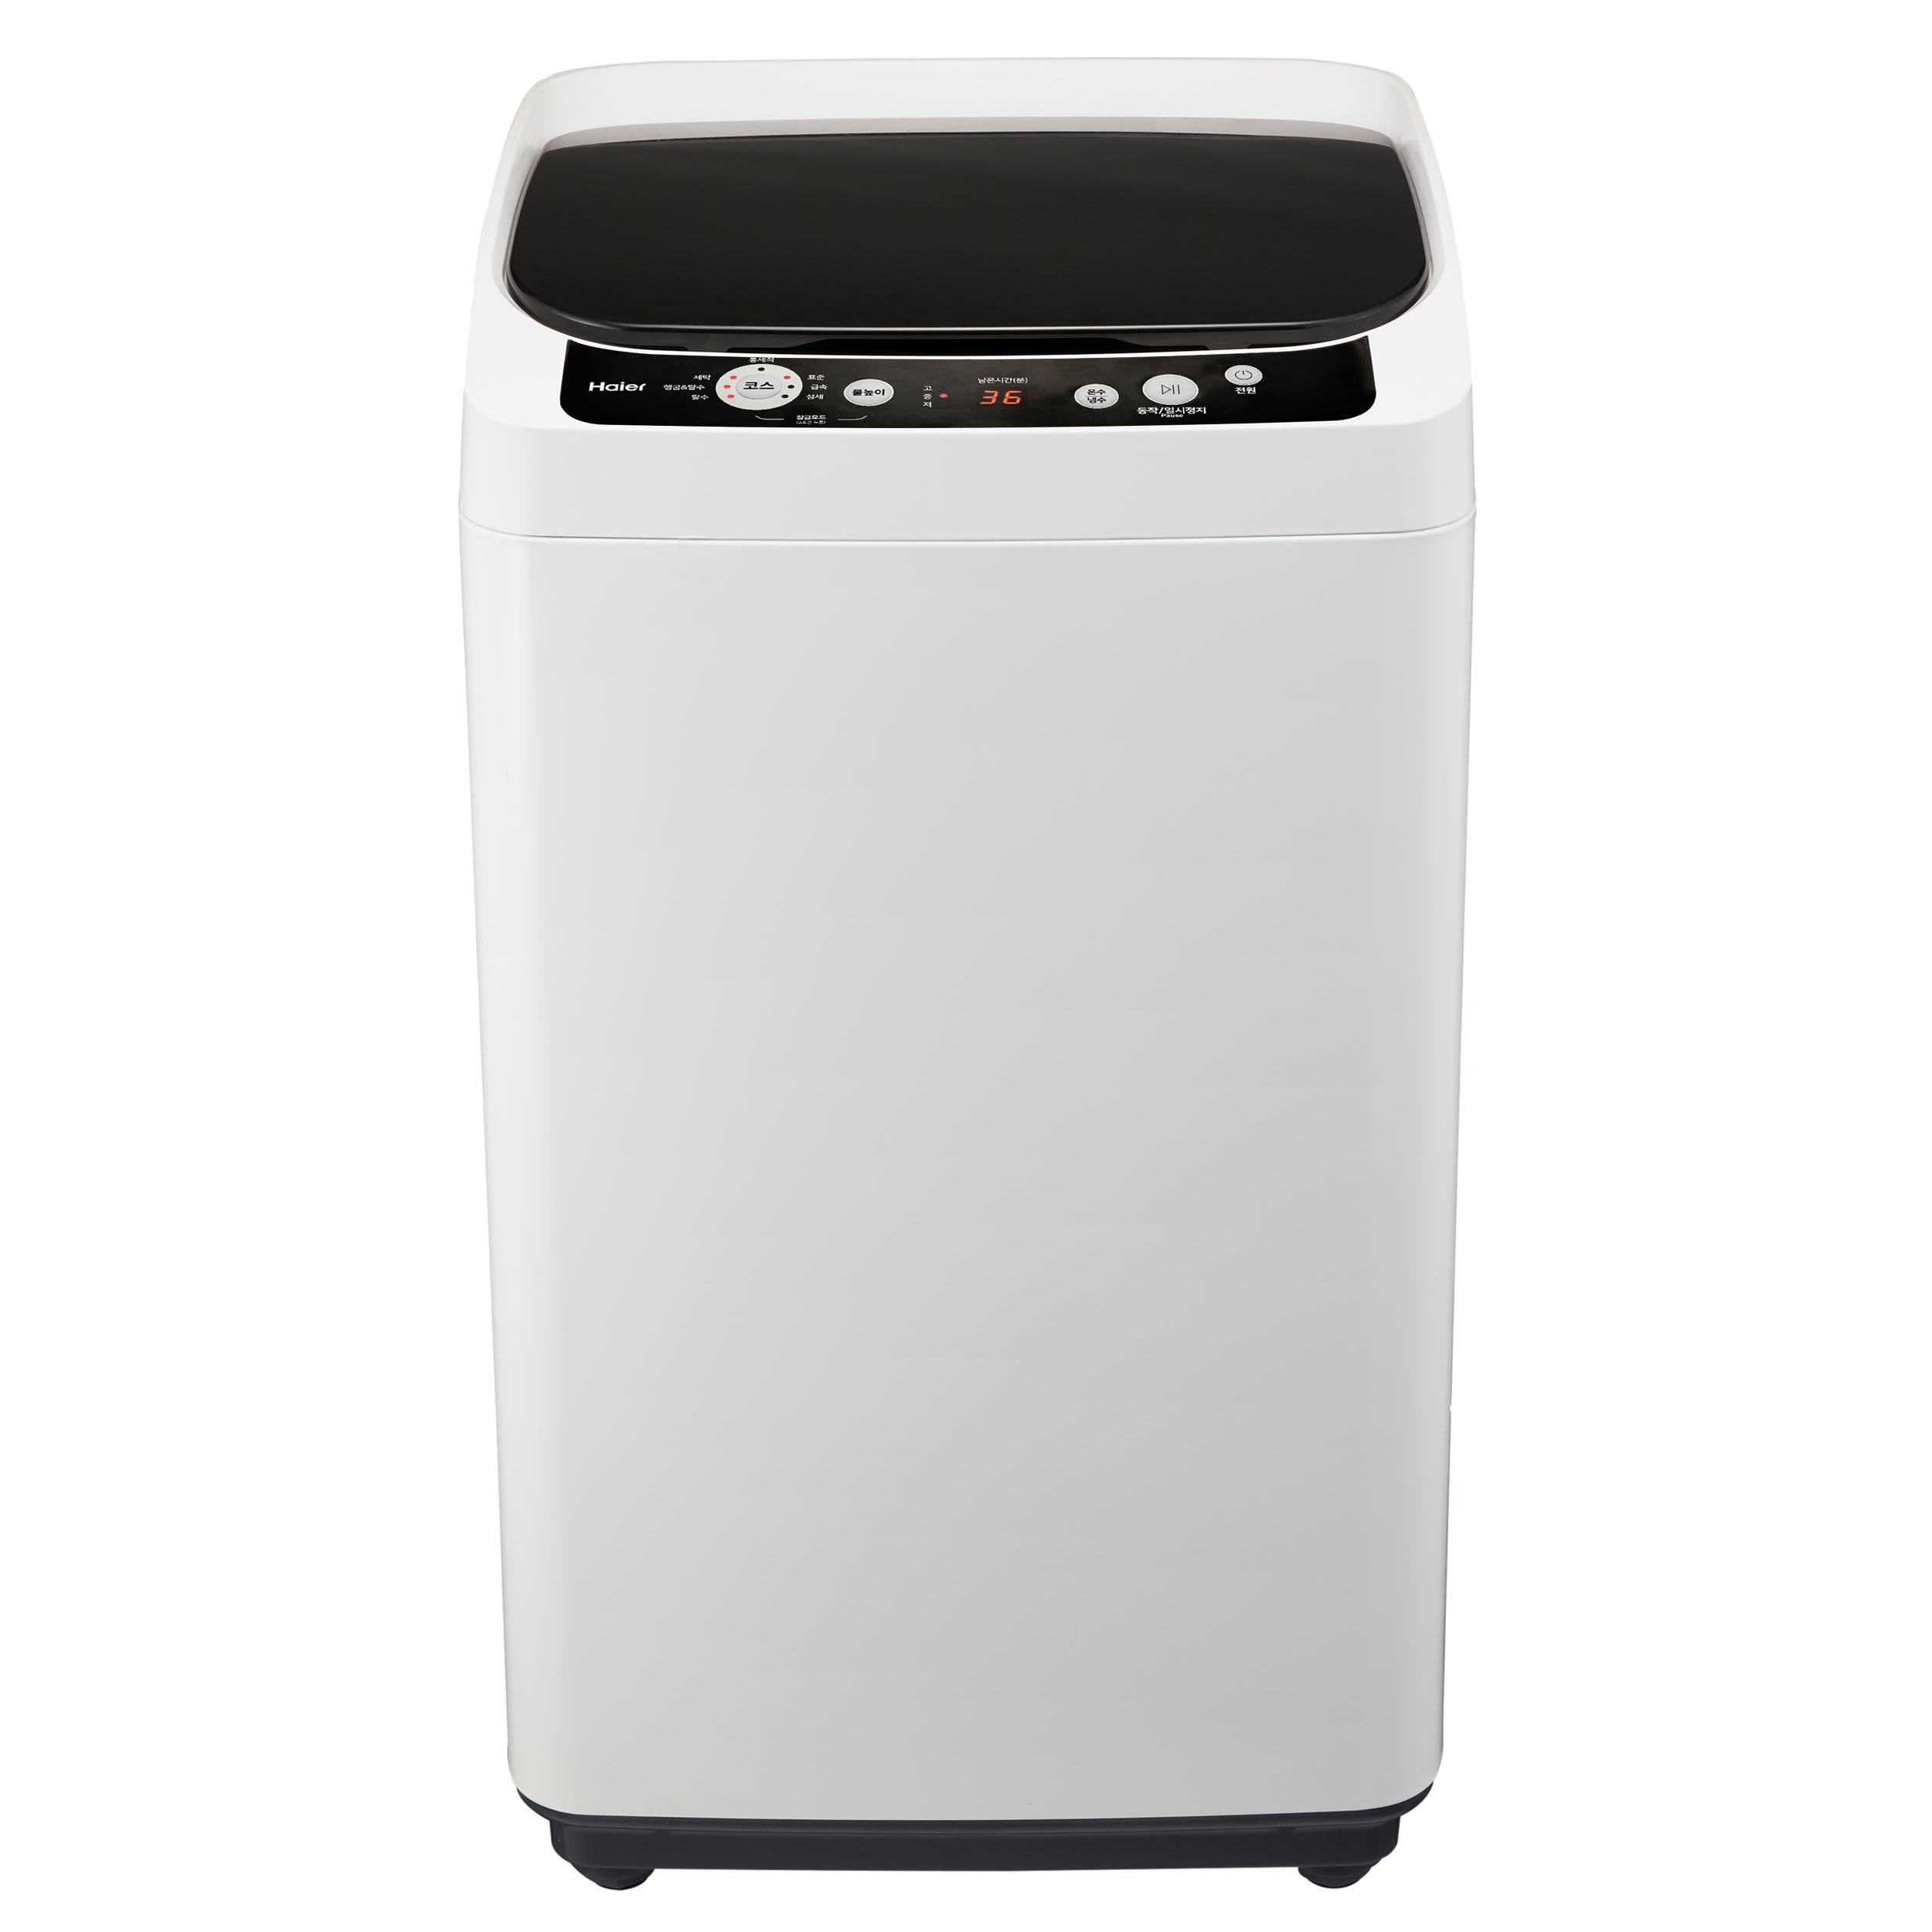 하이얼 1등급 일반소형 통돌이 세탁기 HWM40FTW 4kg